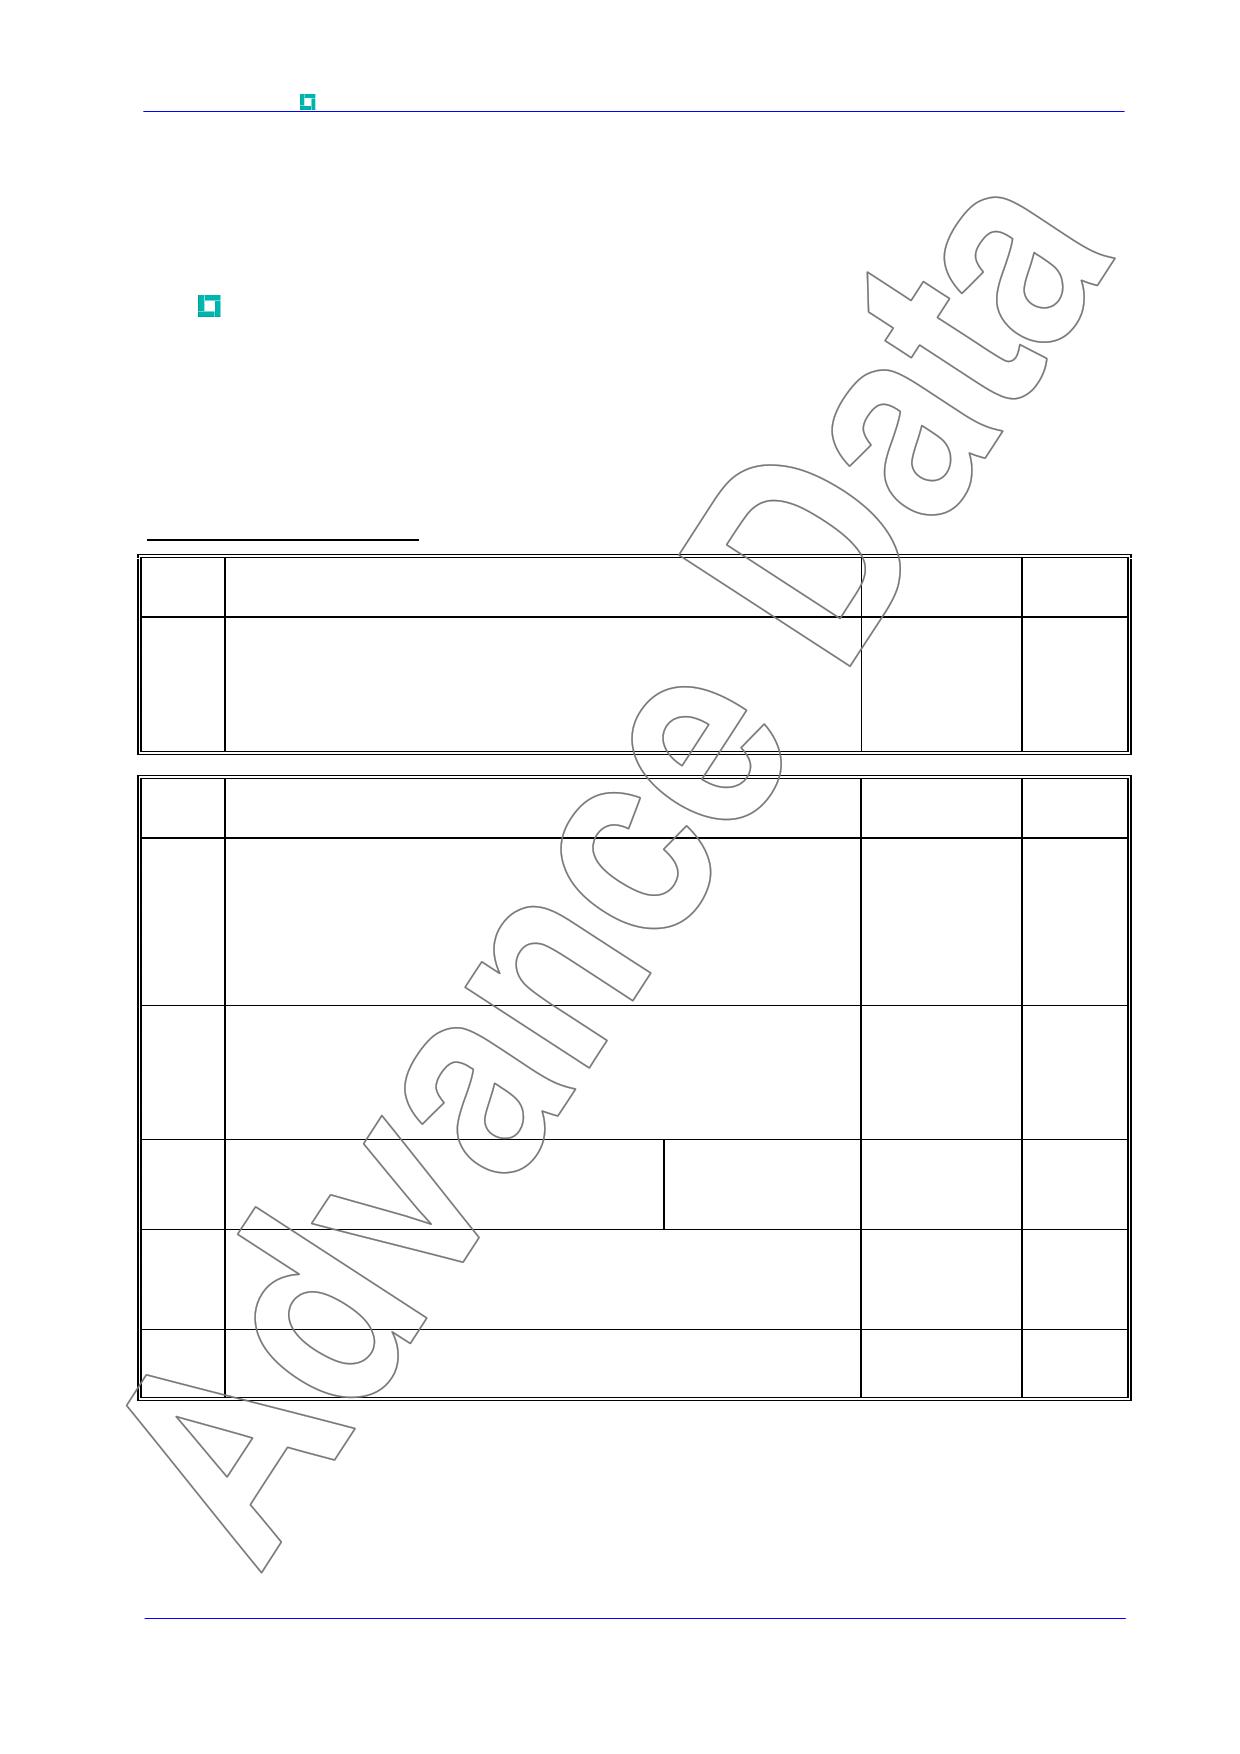 K0885NG500 datasheet